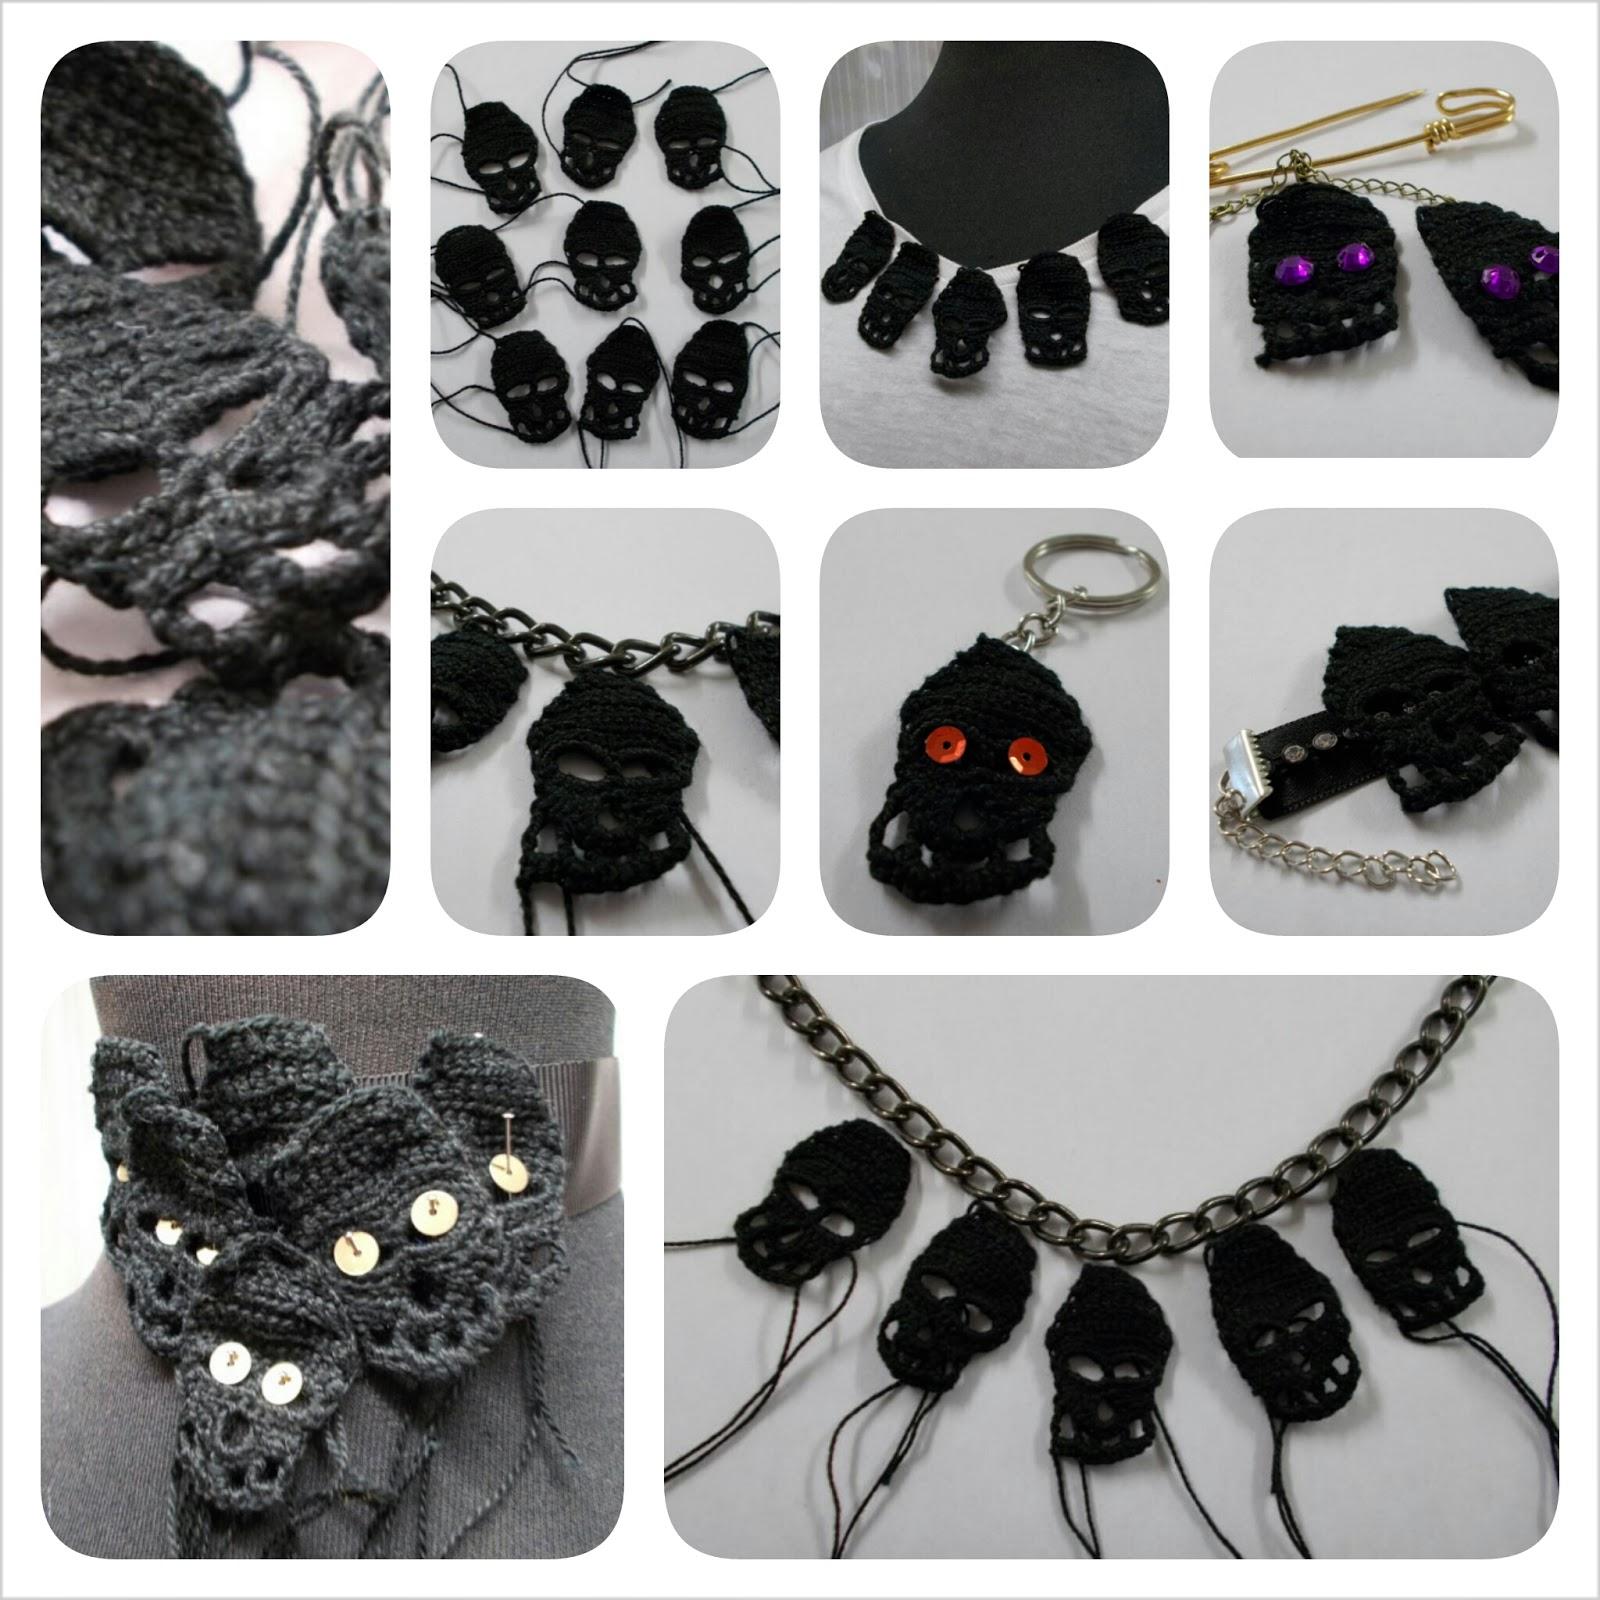 Se me ocurre hacer collares, pulseras, anillos, pendientes, diademas, tocados, broches, adornar ropa.